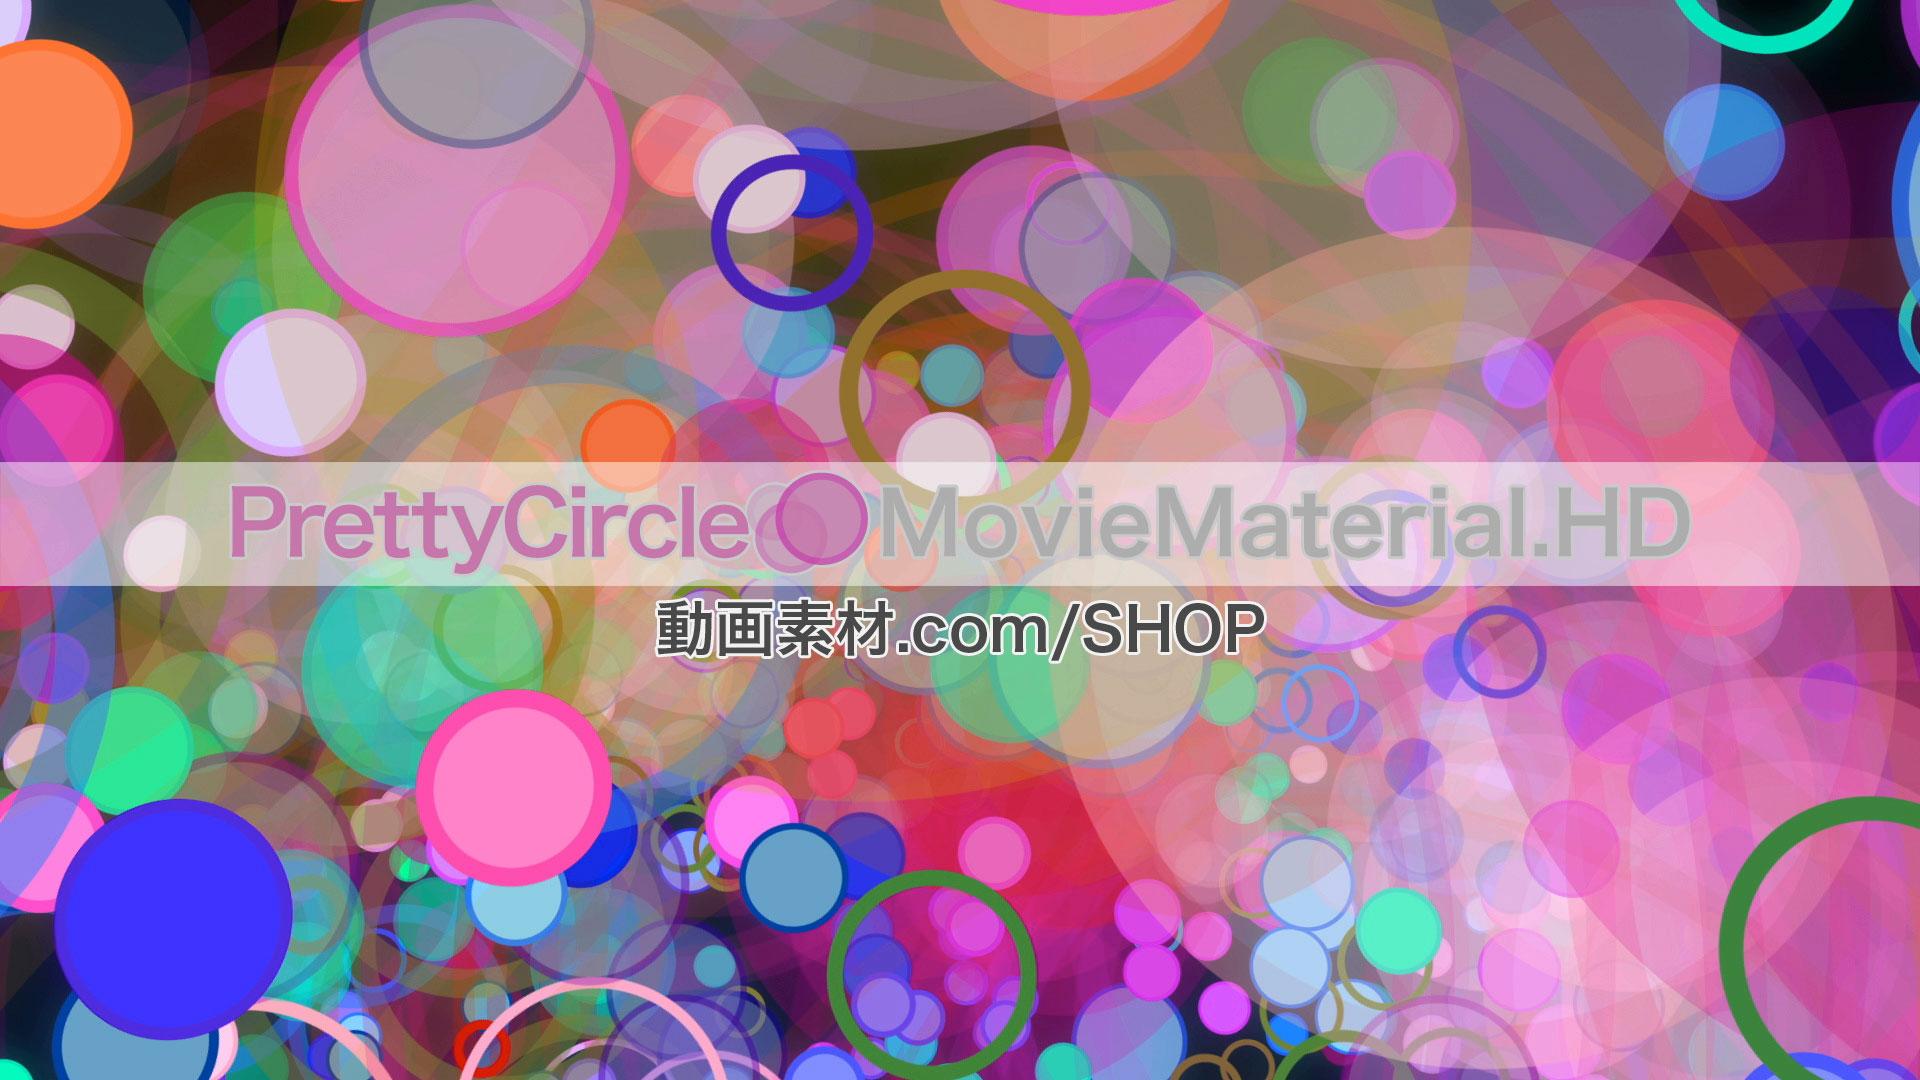 PrettyCircle MovieMaterial.HD 丸や玉をモチーフにしたフルハイビジョンCG動画素材集 ロイヤリティフリーimage6